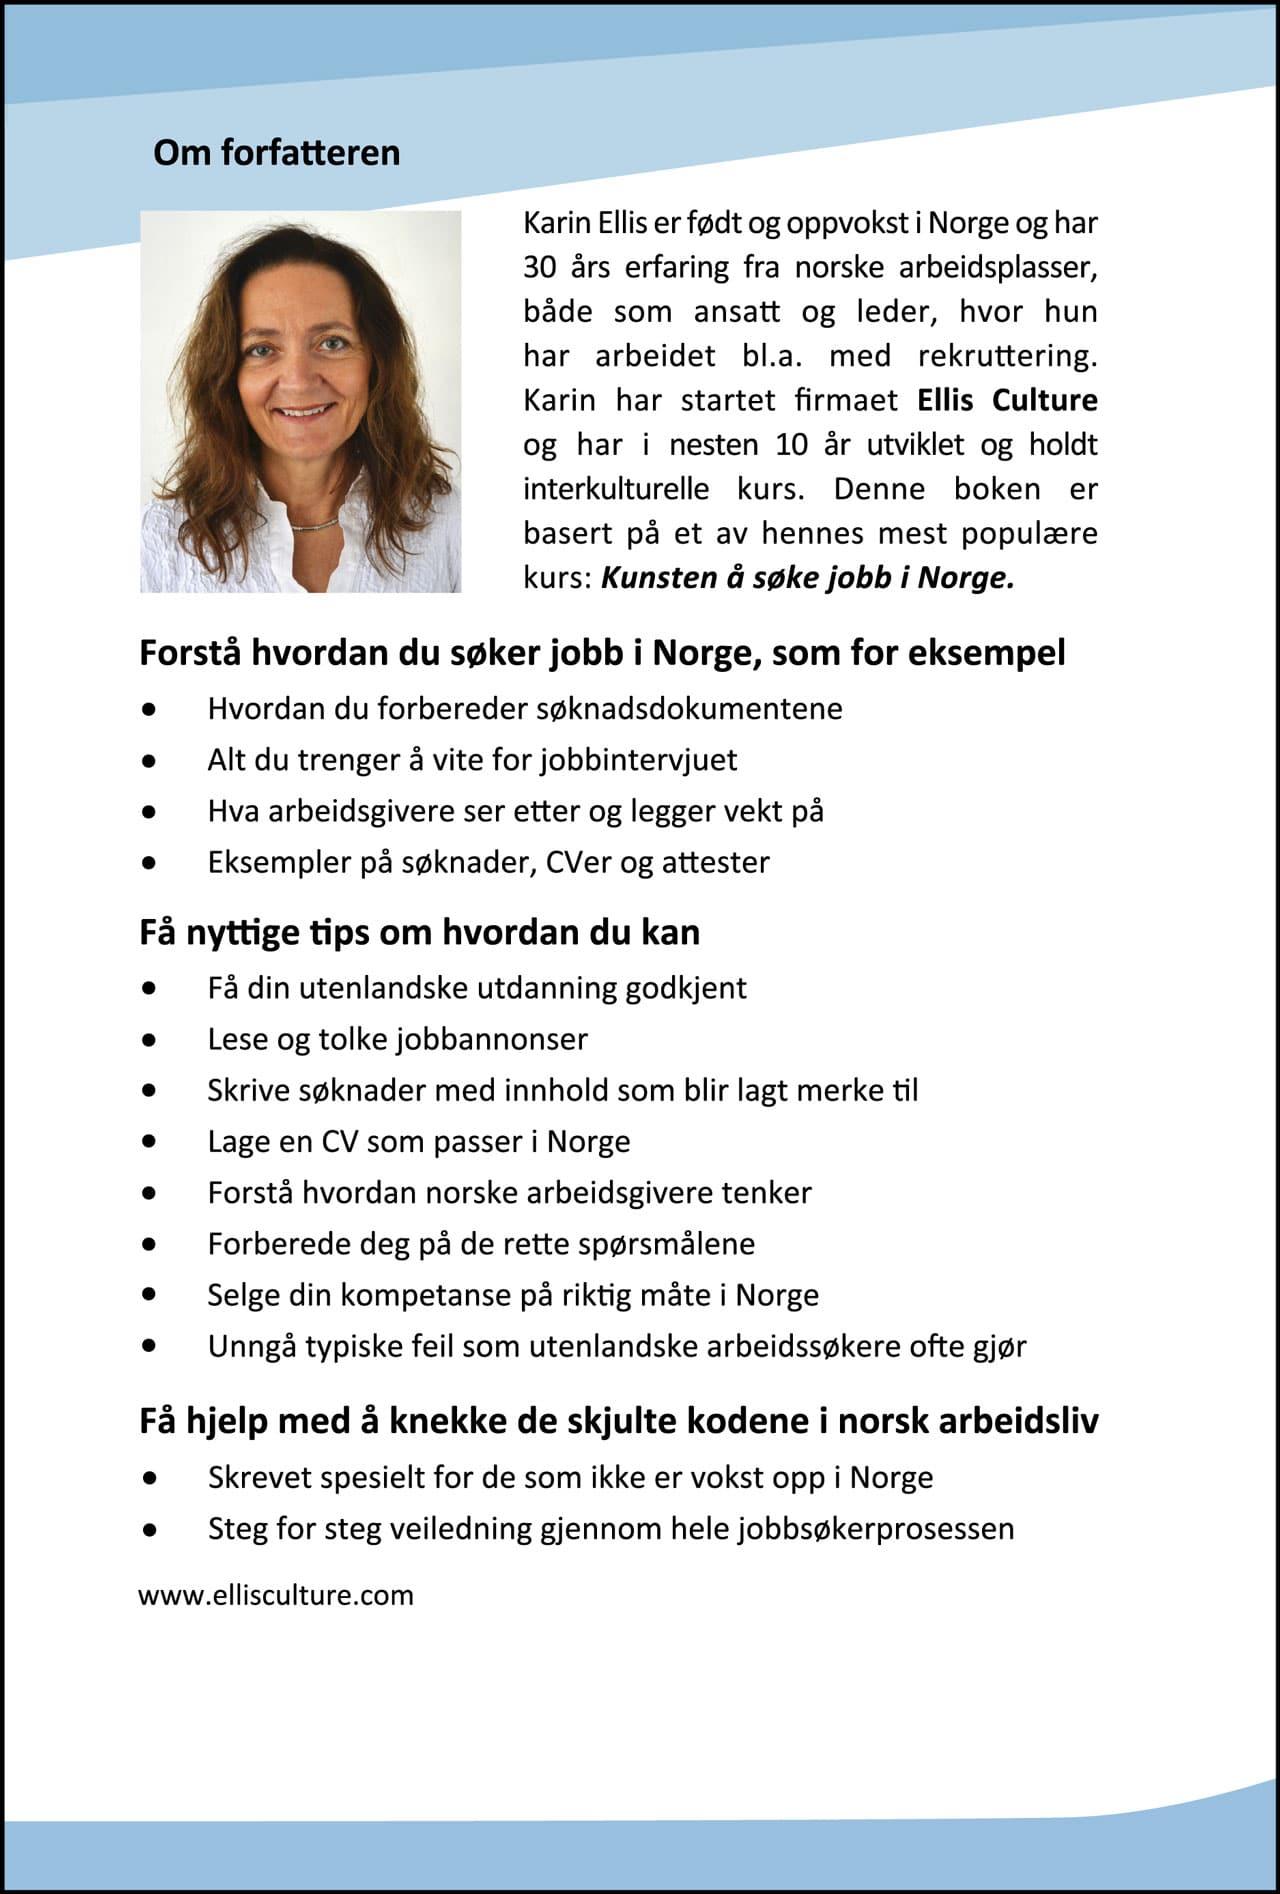 Søke-jobb-i-Norge